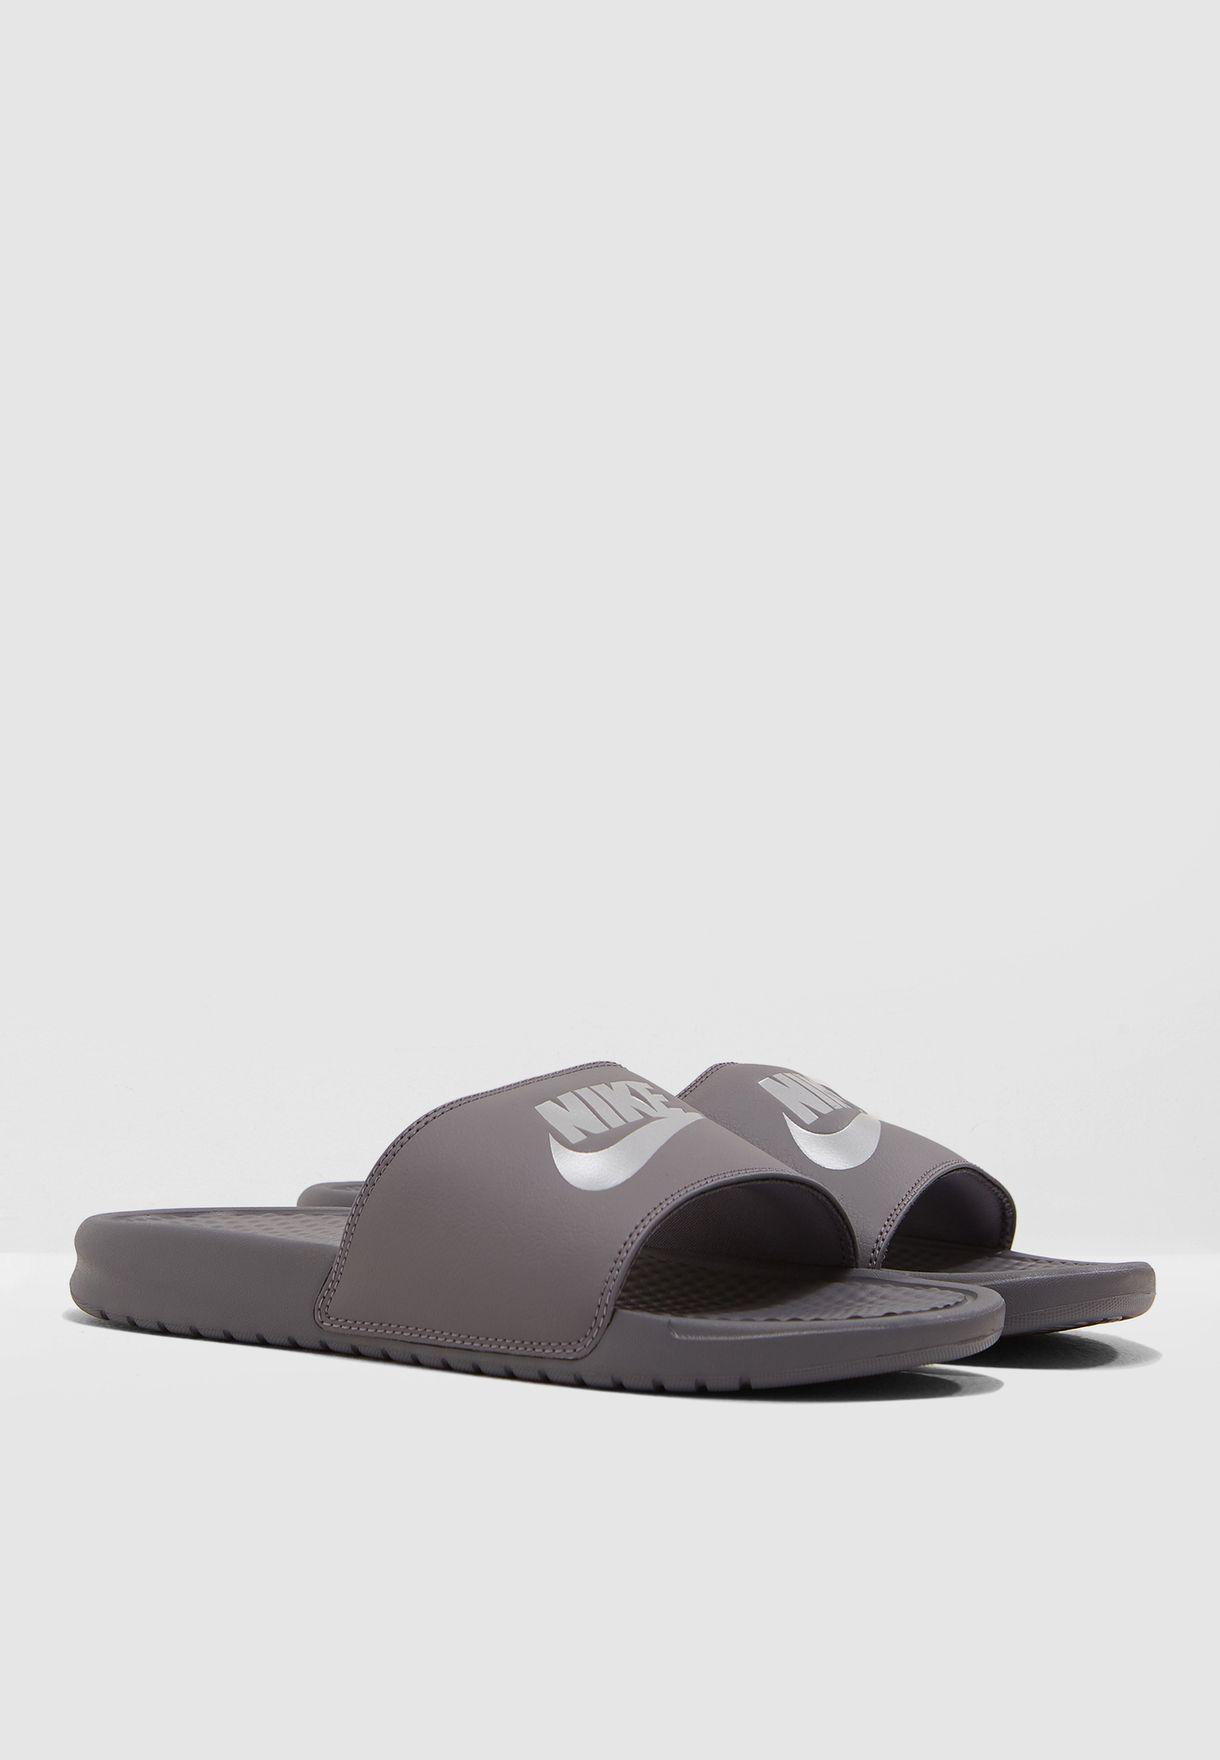 eac747b79 Shop Nike grey Benassi JDI Slides 343880-020 for Men in UAE ...